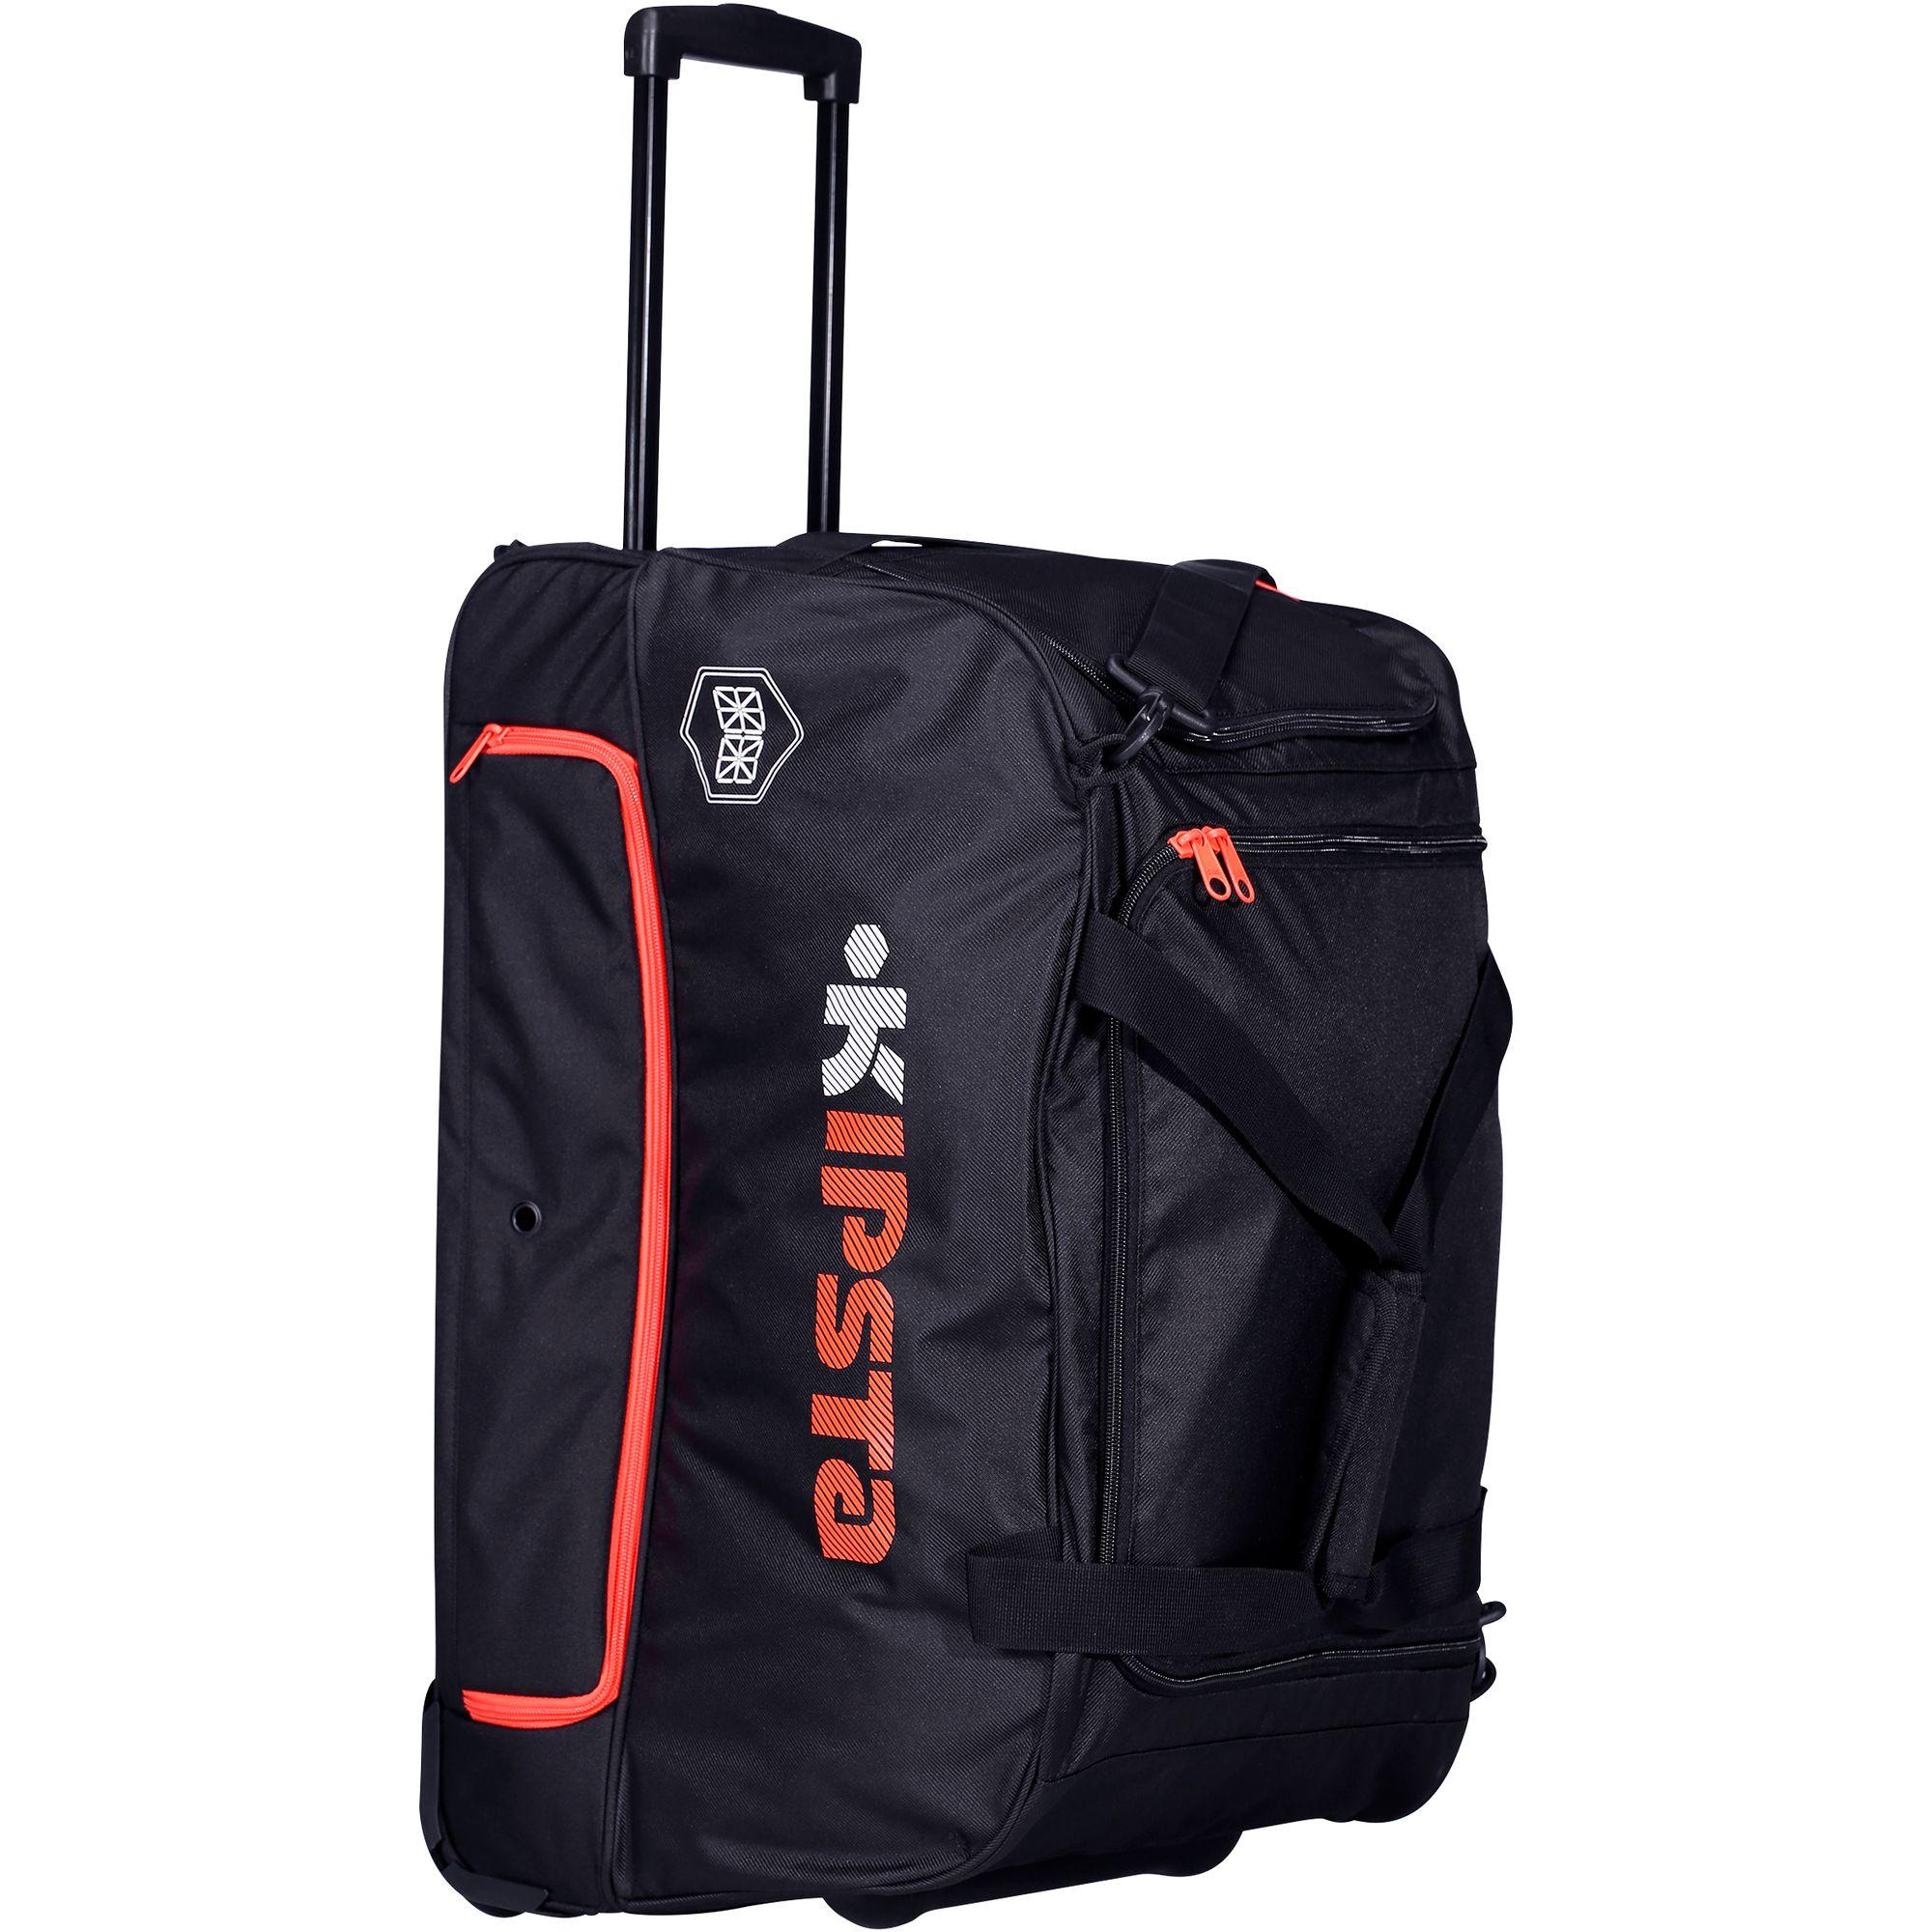 Sac à roulettes sports collectifs Hardcase 70 litres noir orange